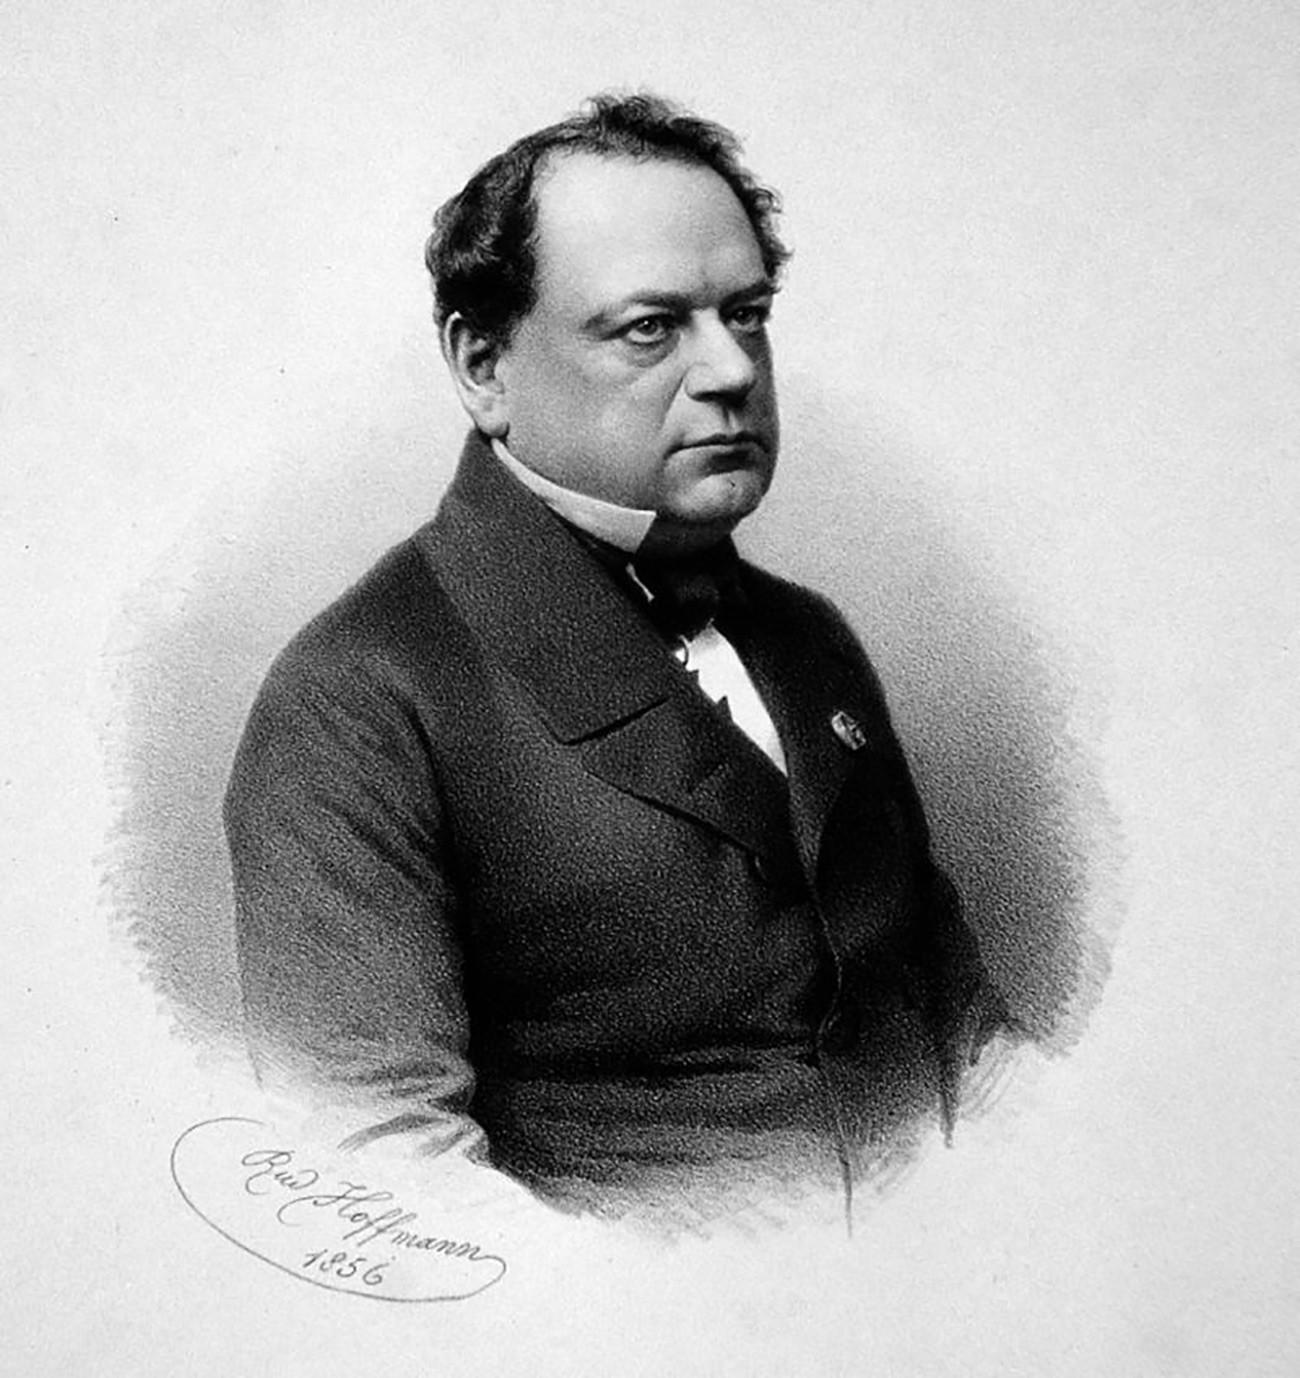 Moritz Hermann (Boris) von Jacobi